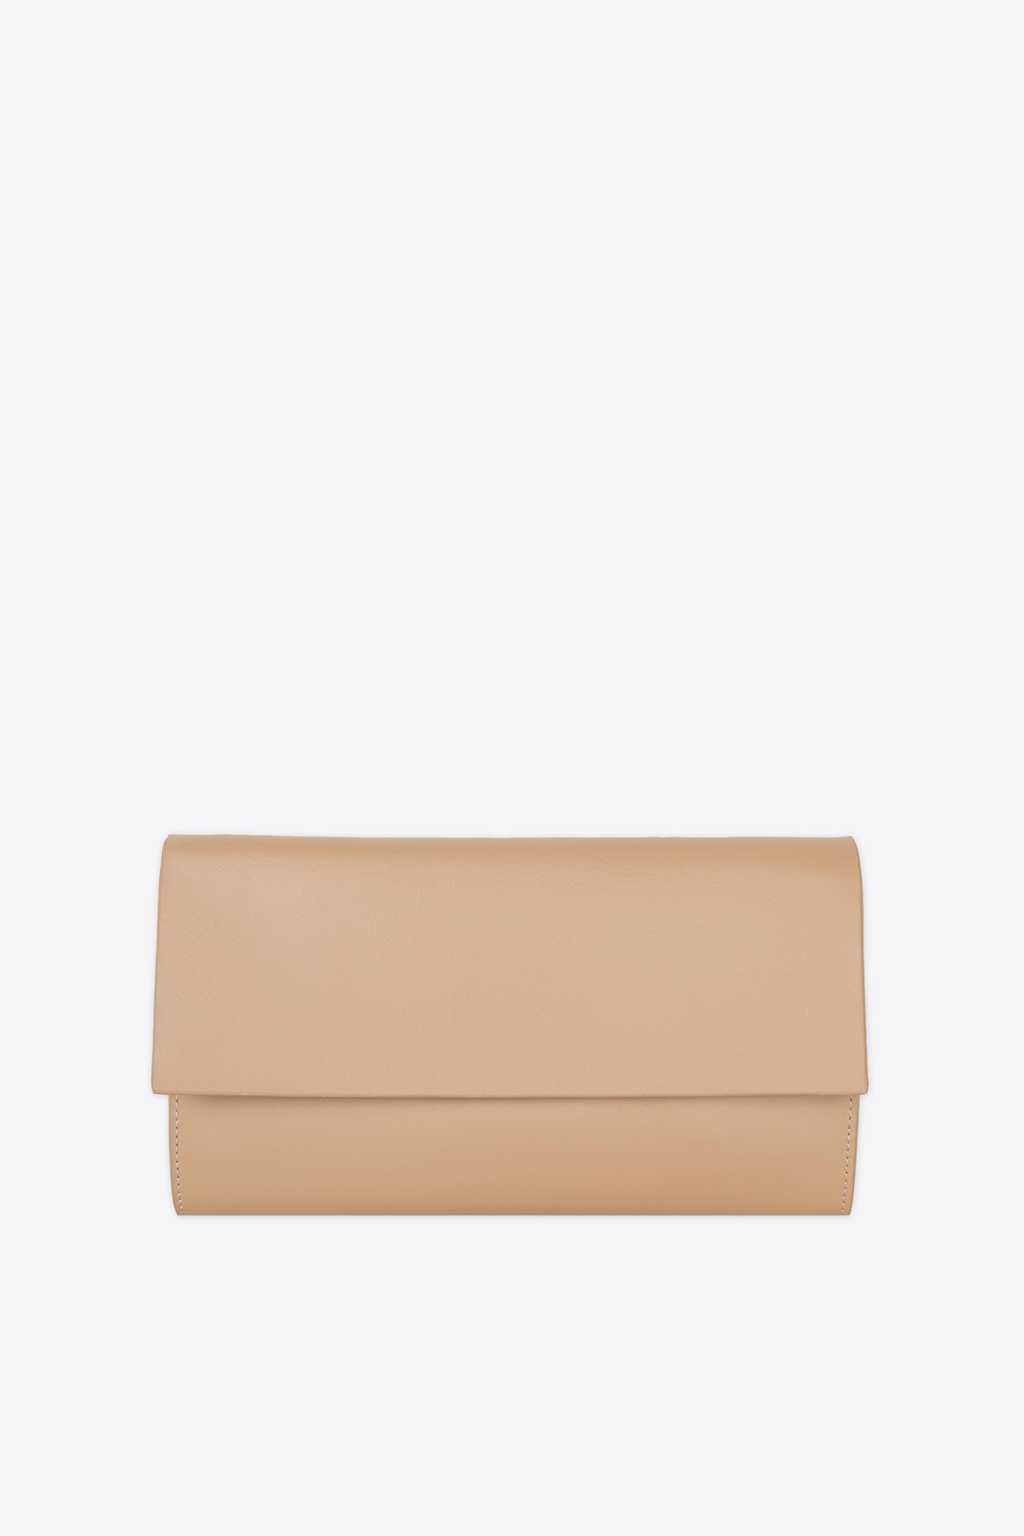 Bag 1255 Tan 2